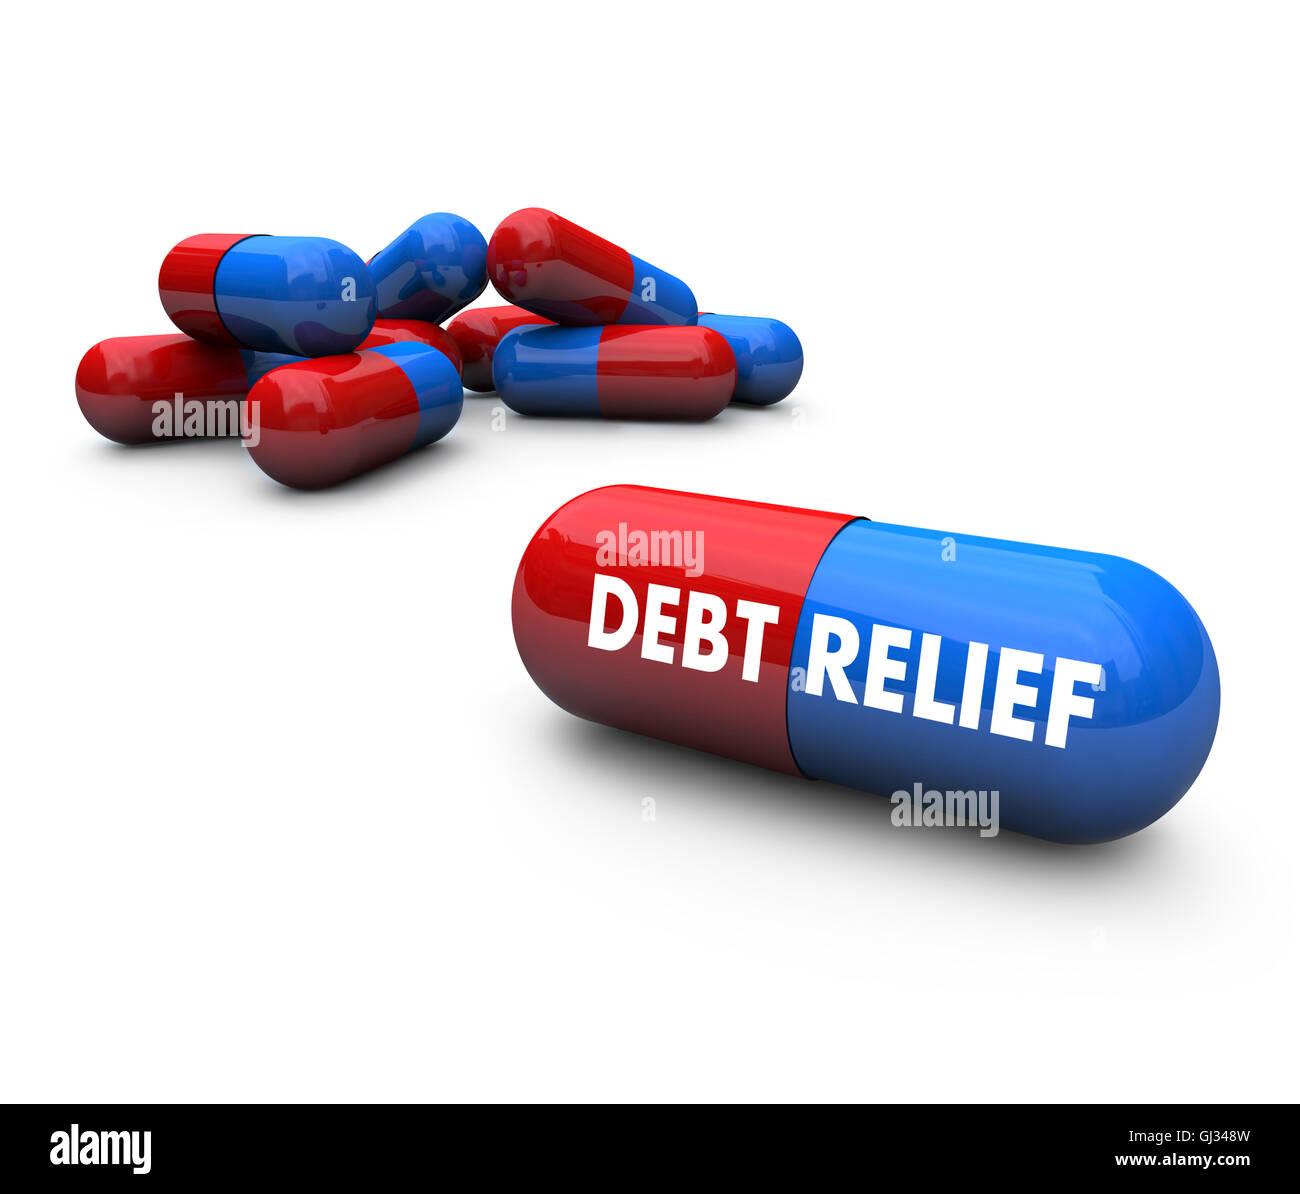 Pills - Debt Relief - Stock Image